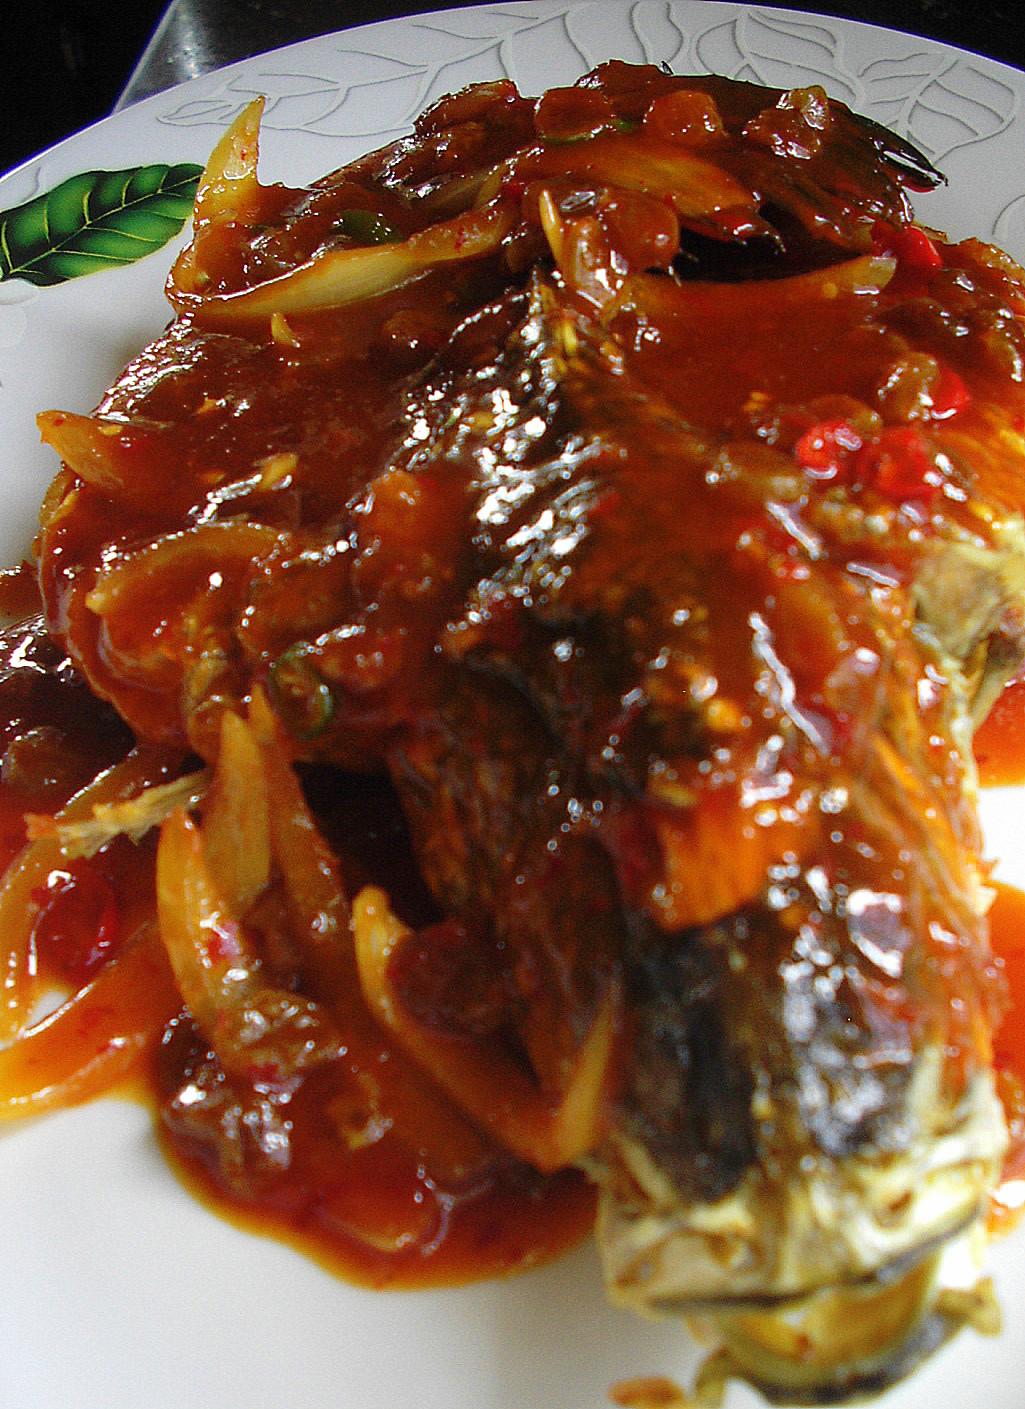 Resepi Daging Masak Hitam Manis - Contohkan c